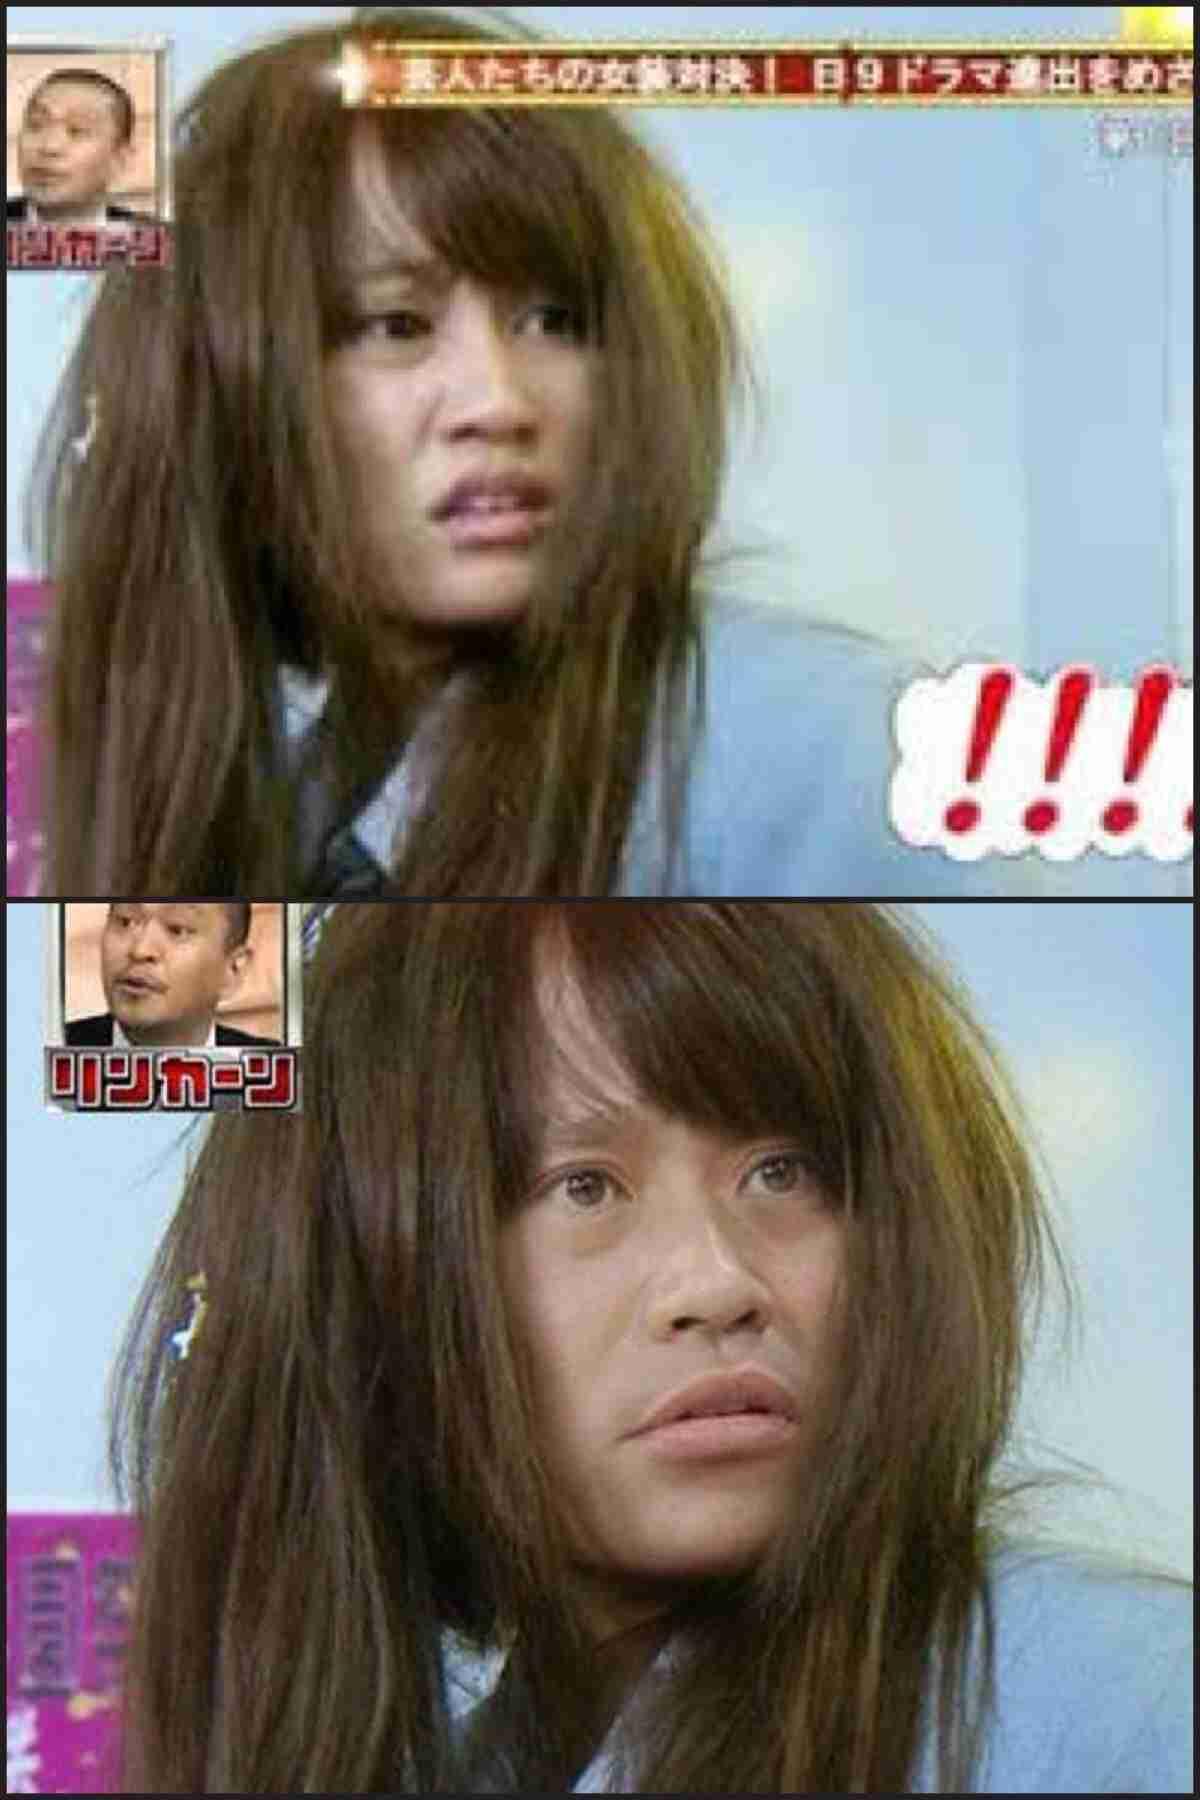 前田敦子がお泊りで柳英里紗とツーショット。「すっぴん?」「可愛い」と反響。